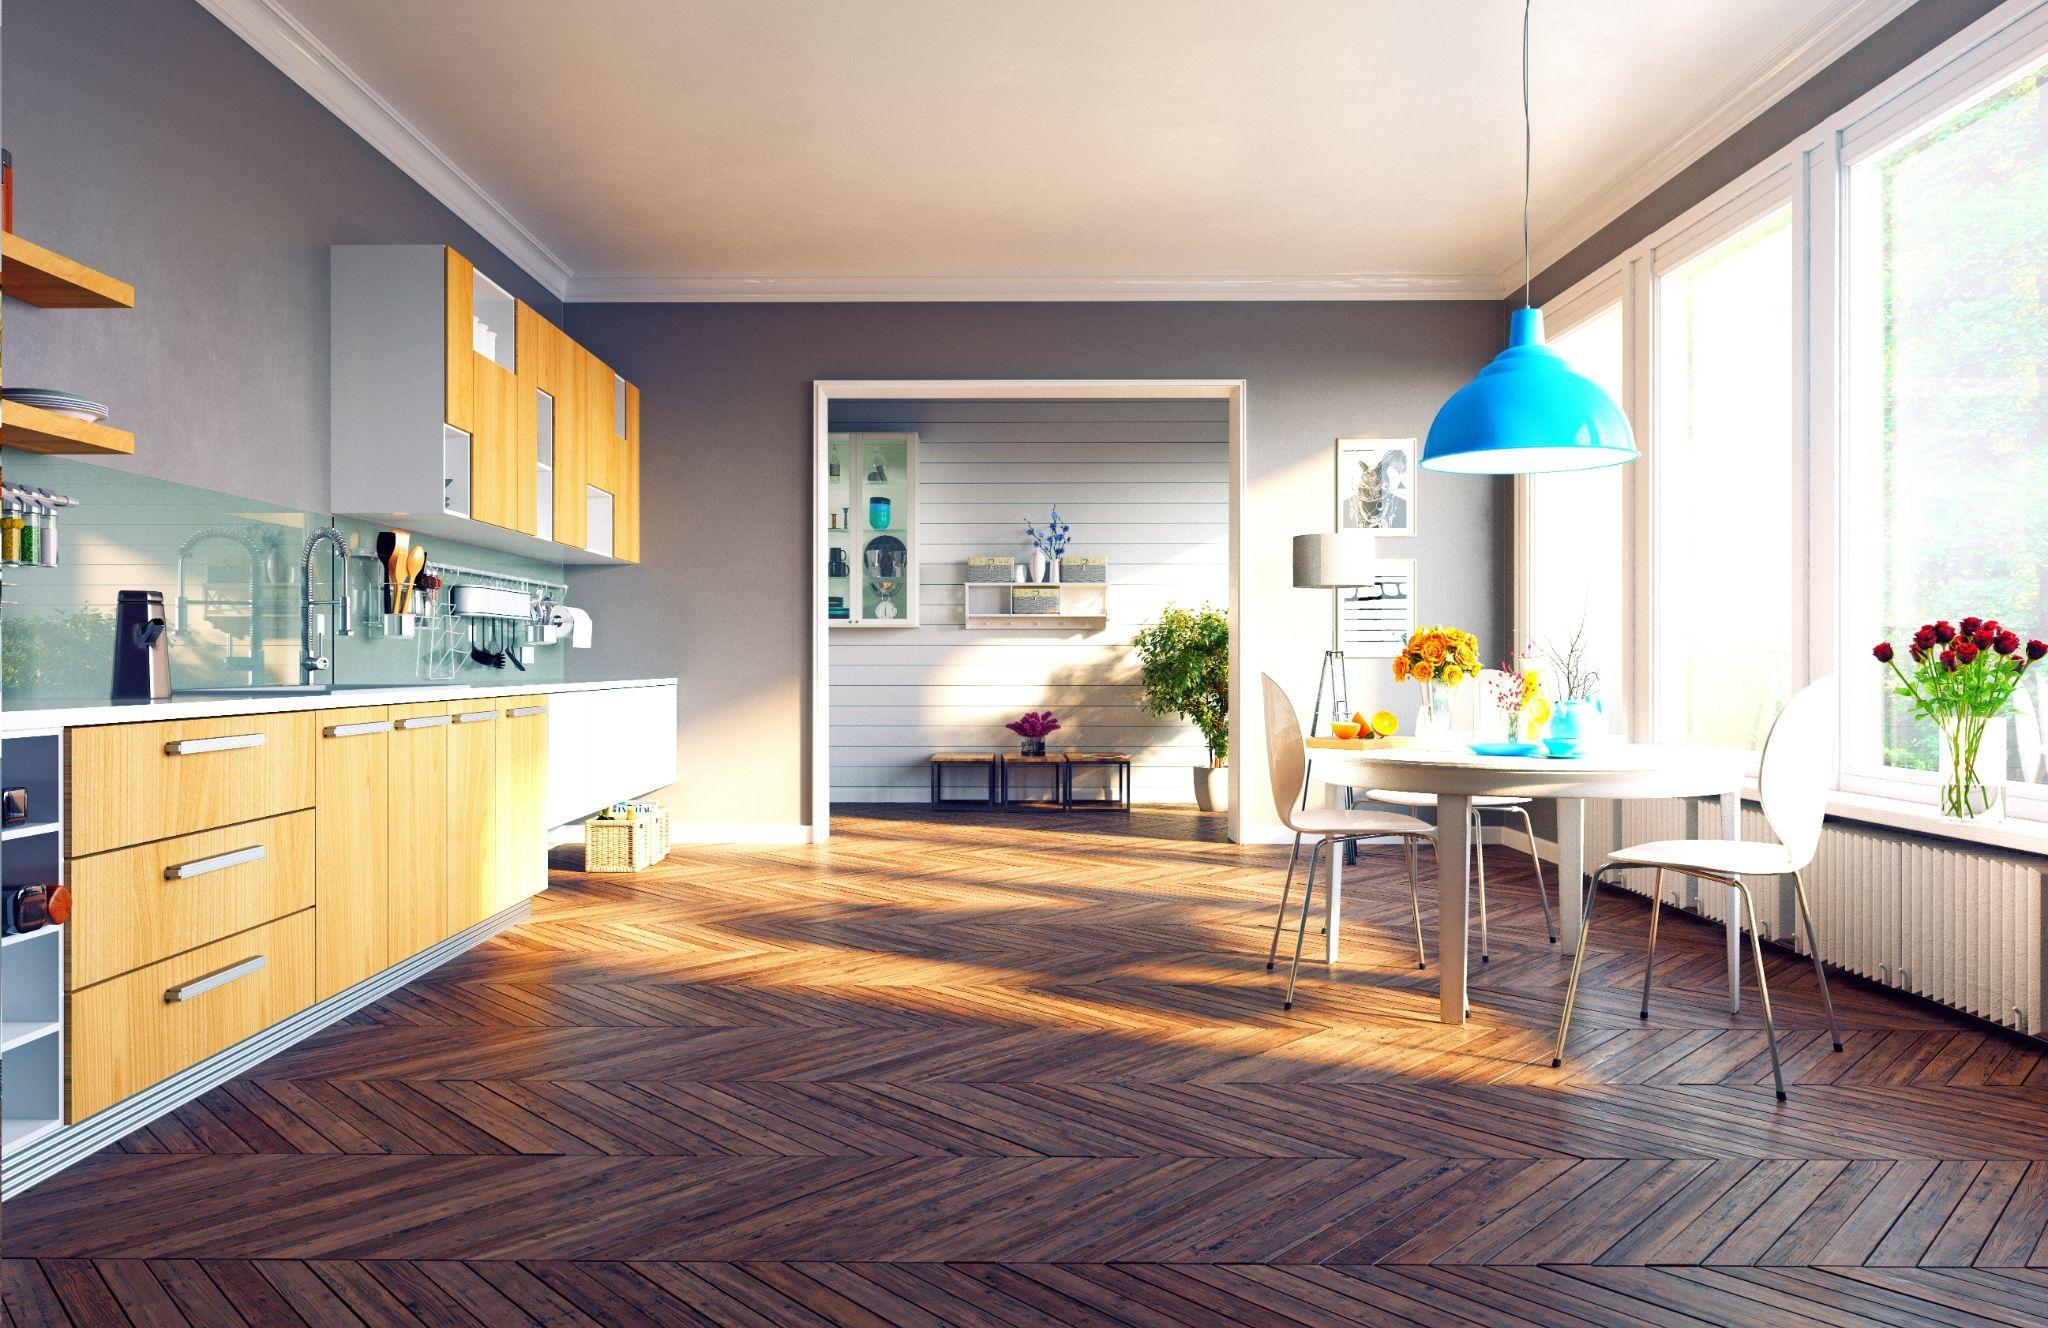 Stunning kitchen floor ideas